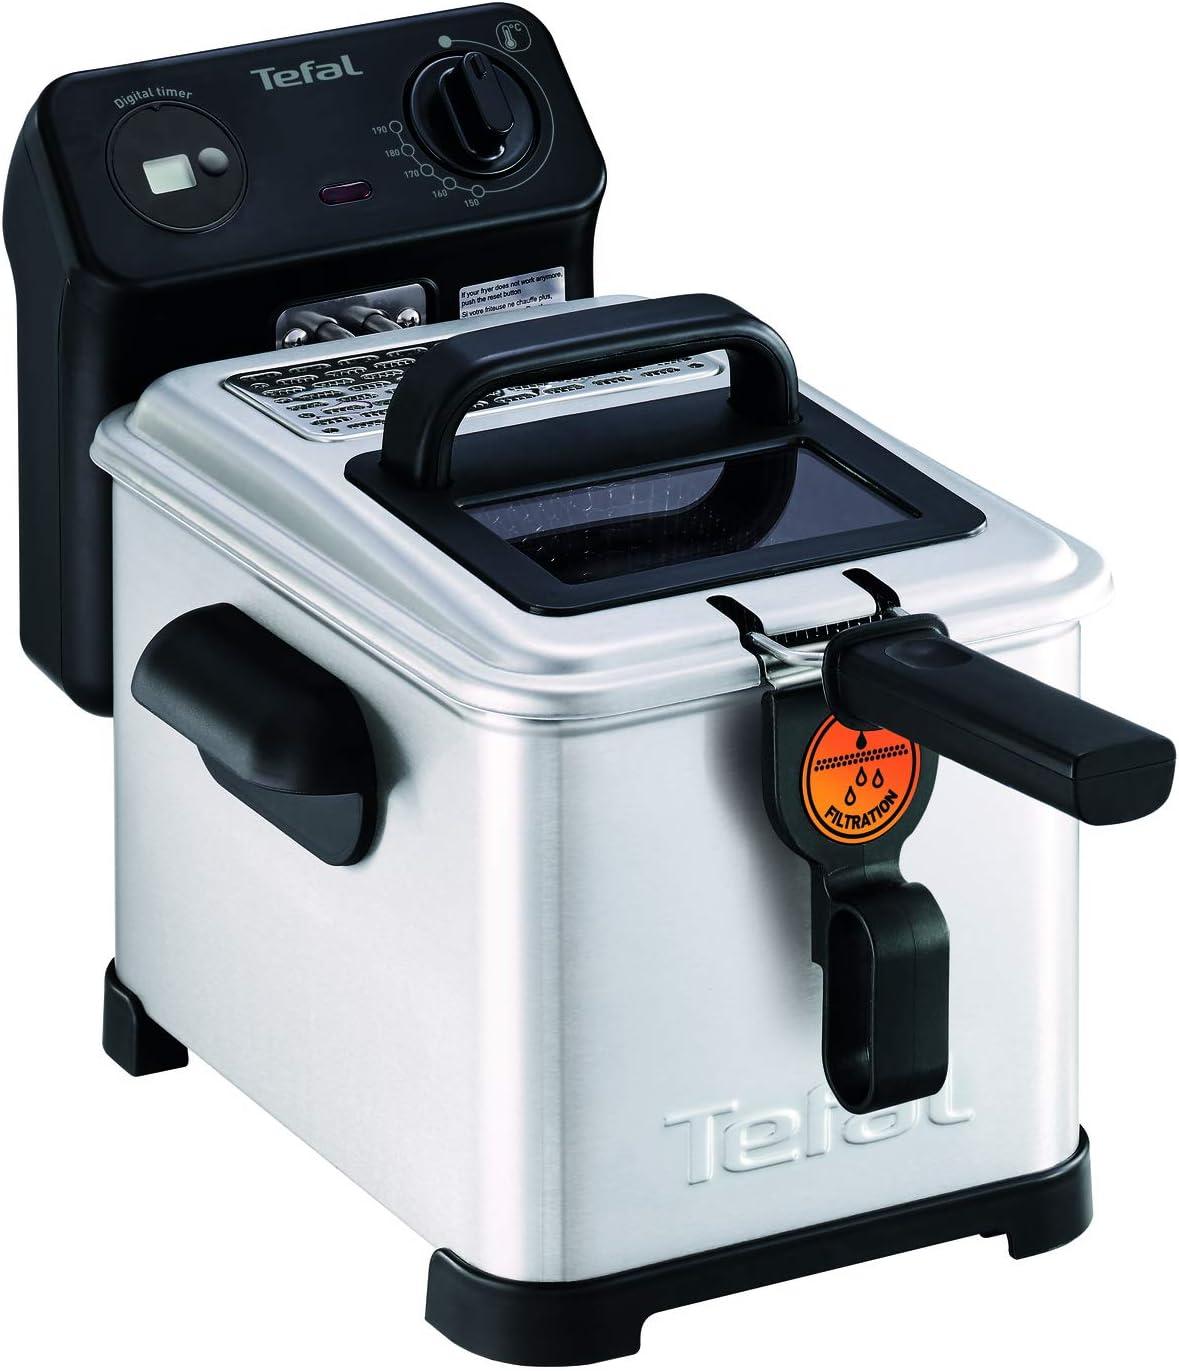 Tefal FR516070 Freidora Pro Premium Eco 4L Digital, Sistema de filtrado, Malla Filtro, Ventana Cristal para Ver la coción, fácil de Usar y de Limpiar, 2400 W, 4 litros, Negro, Acero Inoxidable